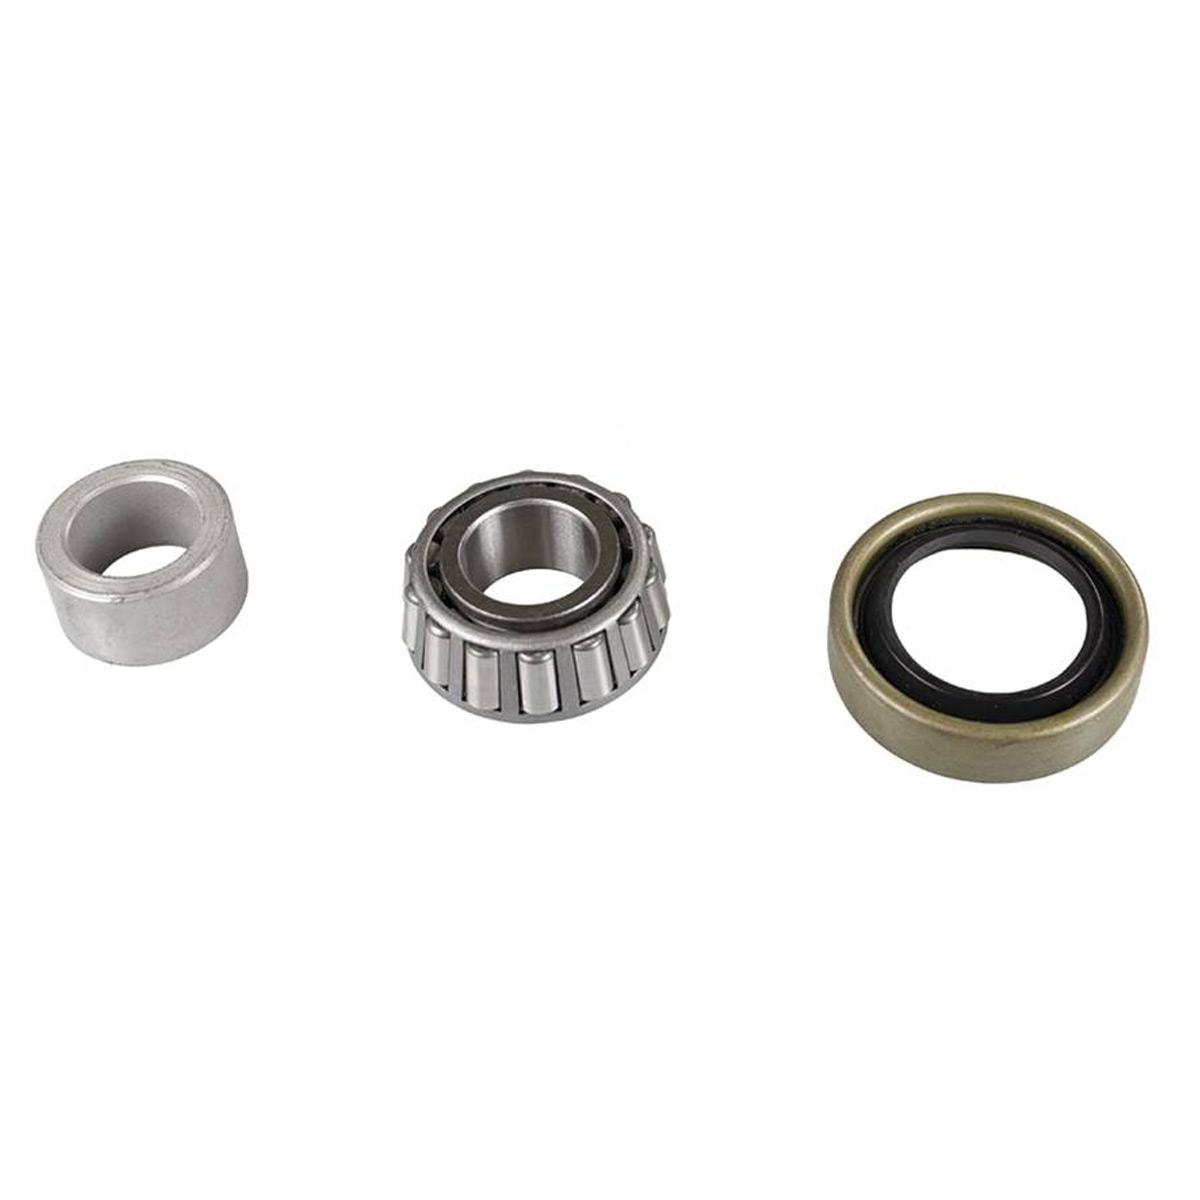 2PK Wright MFG Stander 98460019 98460046 Caster Wheel Bearing Kit